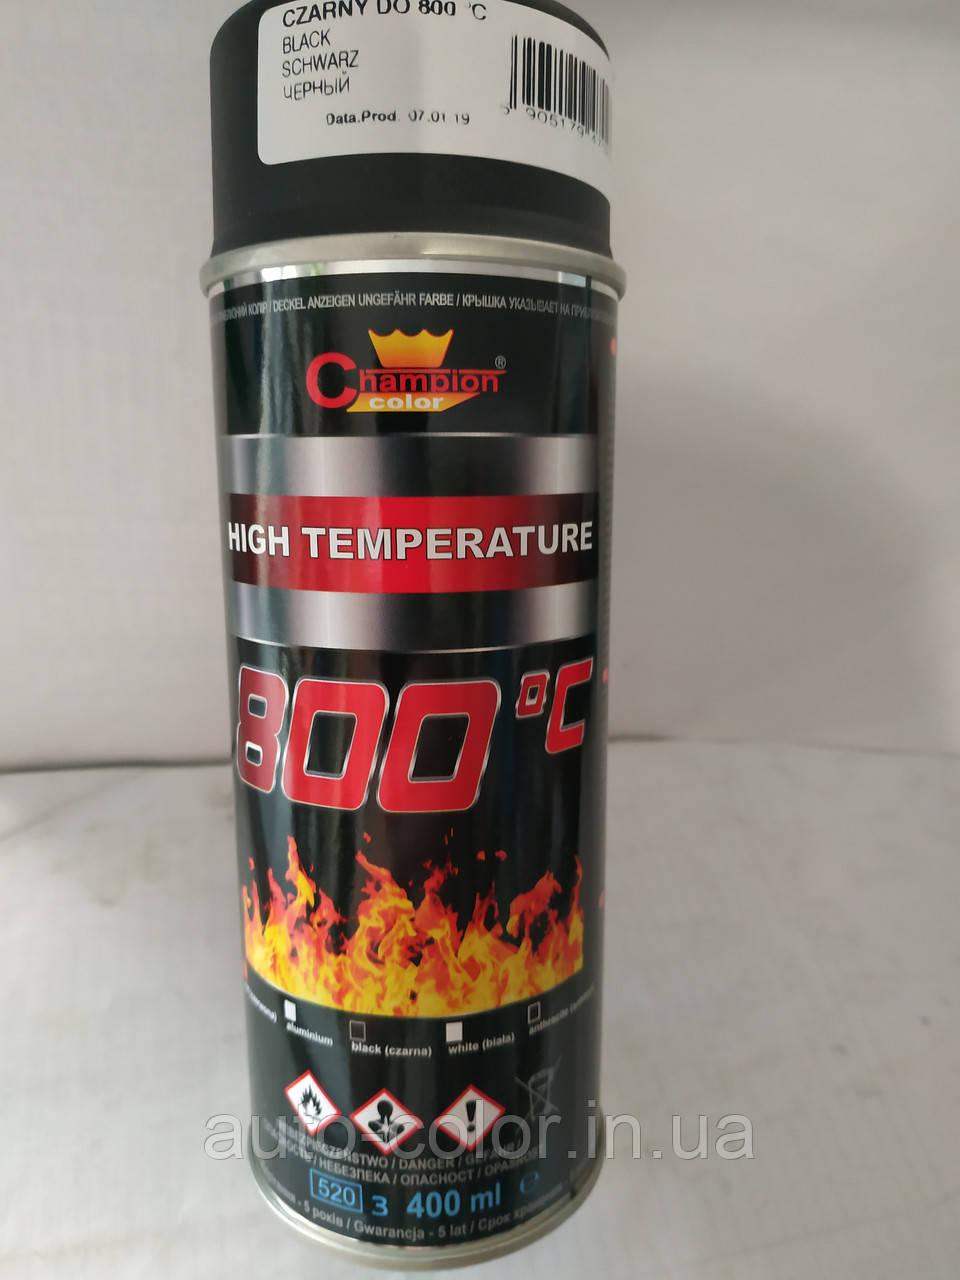 Аерозоль фарба жаростійкий CHAMPION 800 *С чорна 400 мл